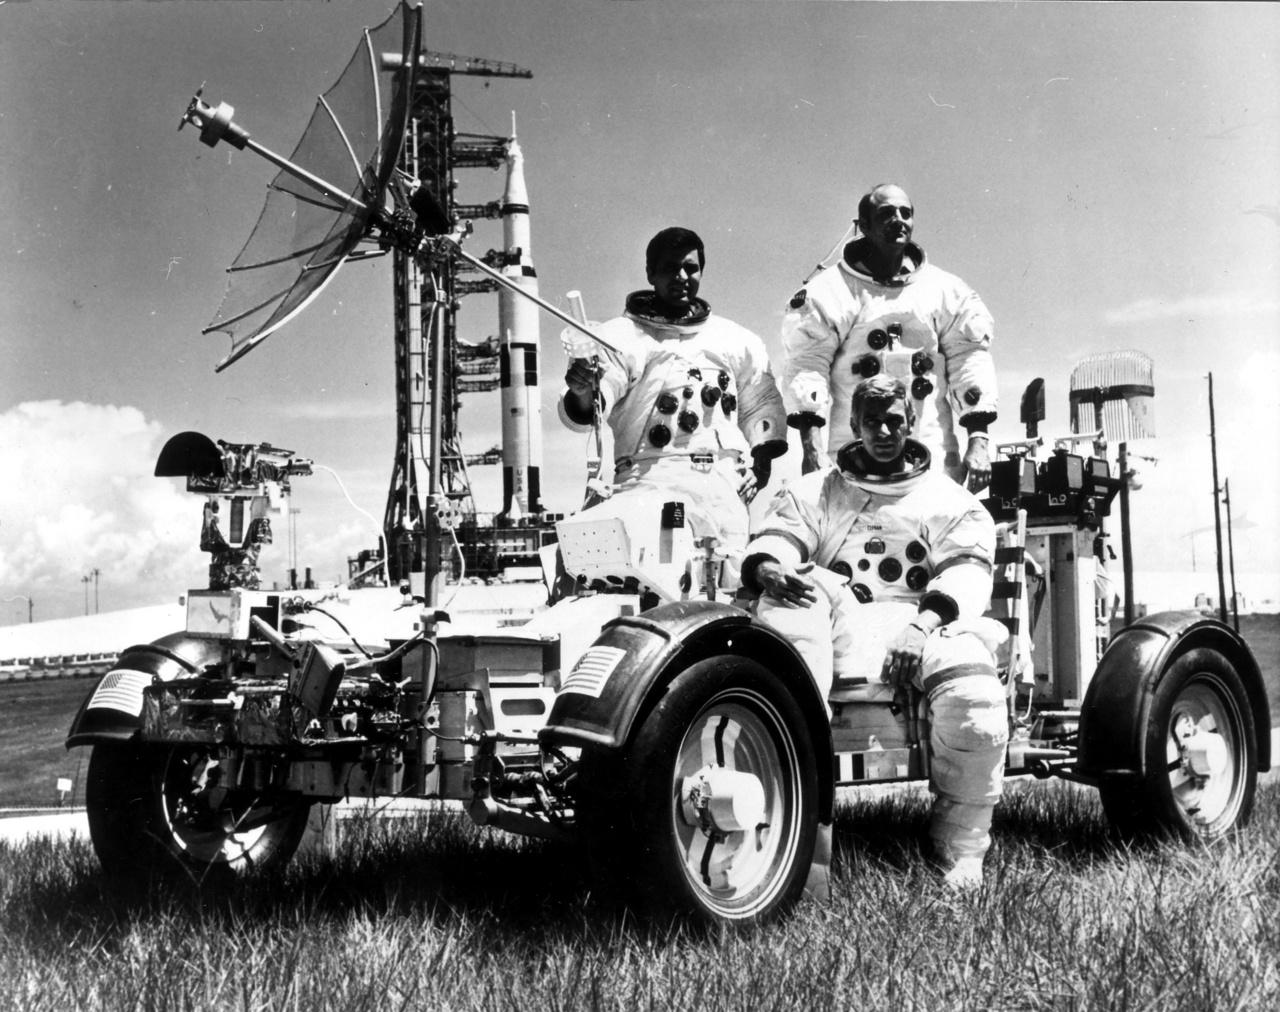 Az Apollo-17 csapata, Harrison Schmitt, Eugene Cernan és Ronald Evans a Kennedy Űrközpontban 1972-ben. Mögöttük a Saturn V hordozórakéta, előtérben pedig a kiképzésükhöz használt holdjáró földi változata látható. Érdemes pillantást vetni a kerekekre. Mivel az űrben nem használhattak a nyomás és a hőmérséklet szélsőségessége miatt gumikerekeket, egy speciális titánhálóból készítették az abroncsokat, amit a magyar származású Pavlics Ferenc mérnök vezette tervezőcsapat készített.